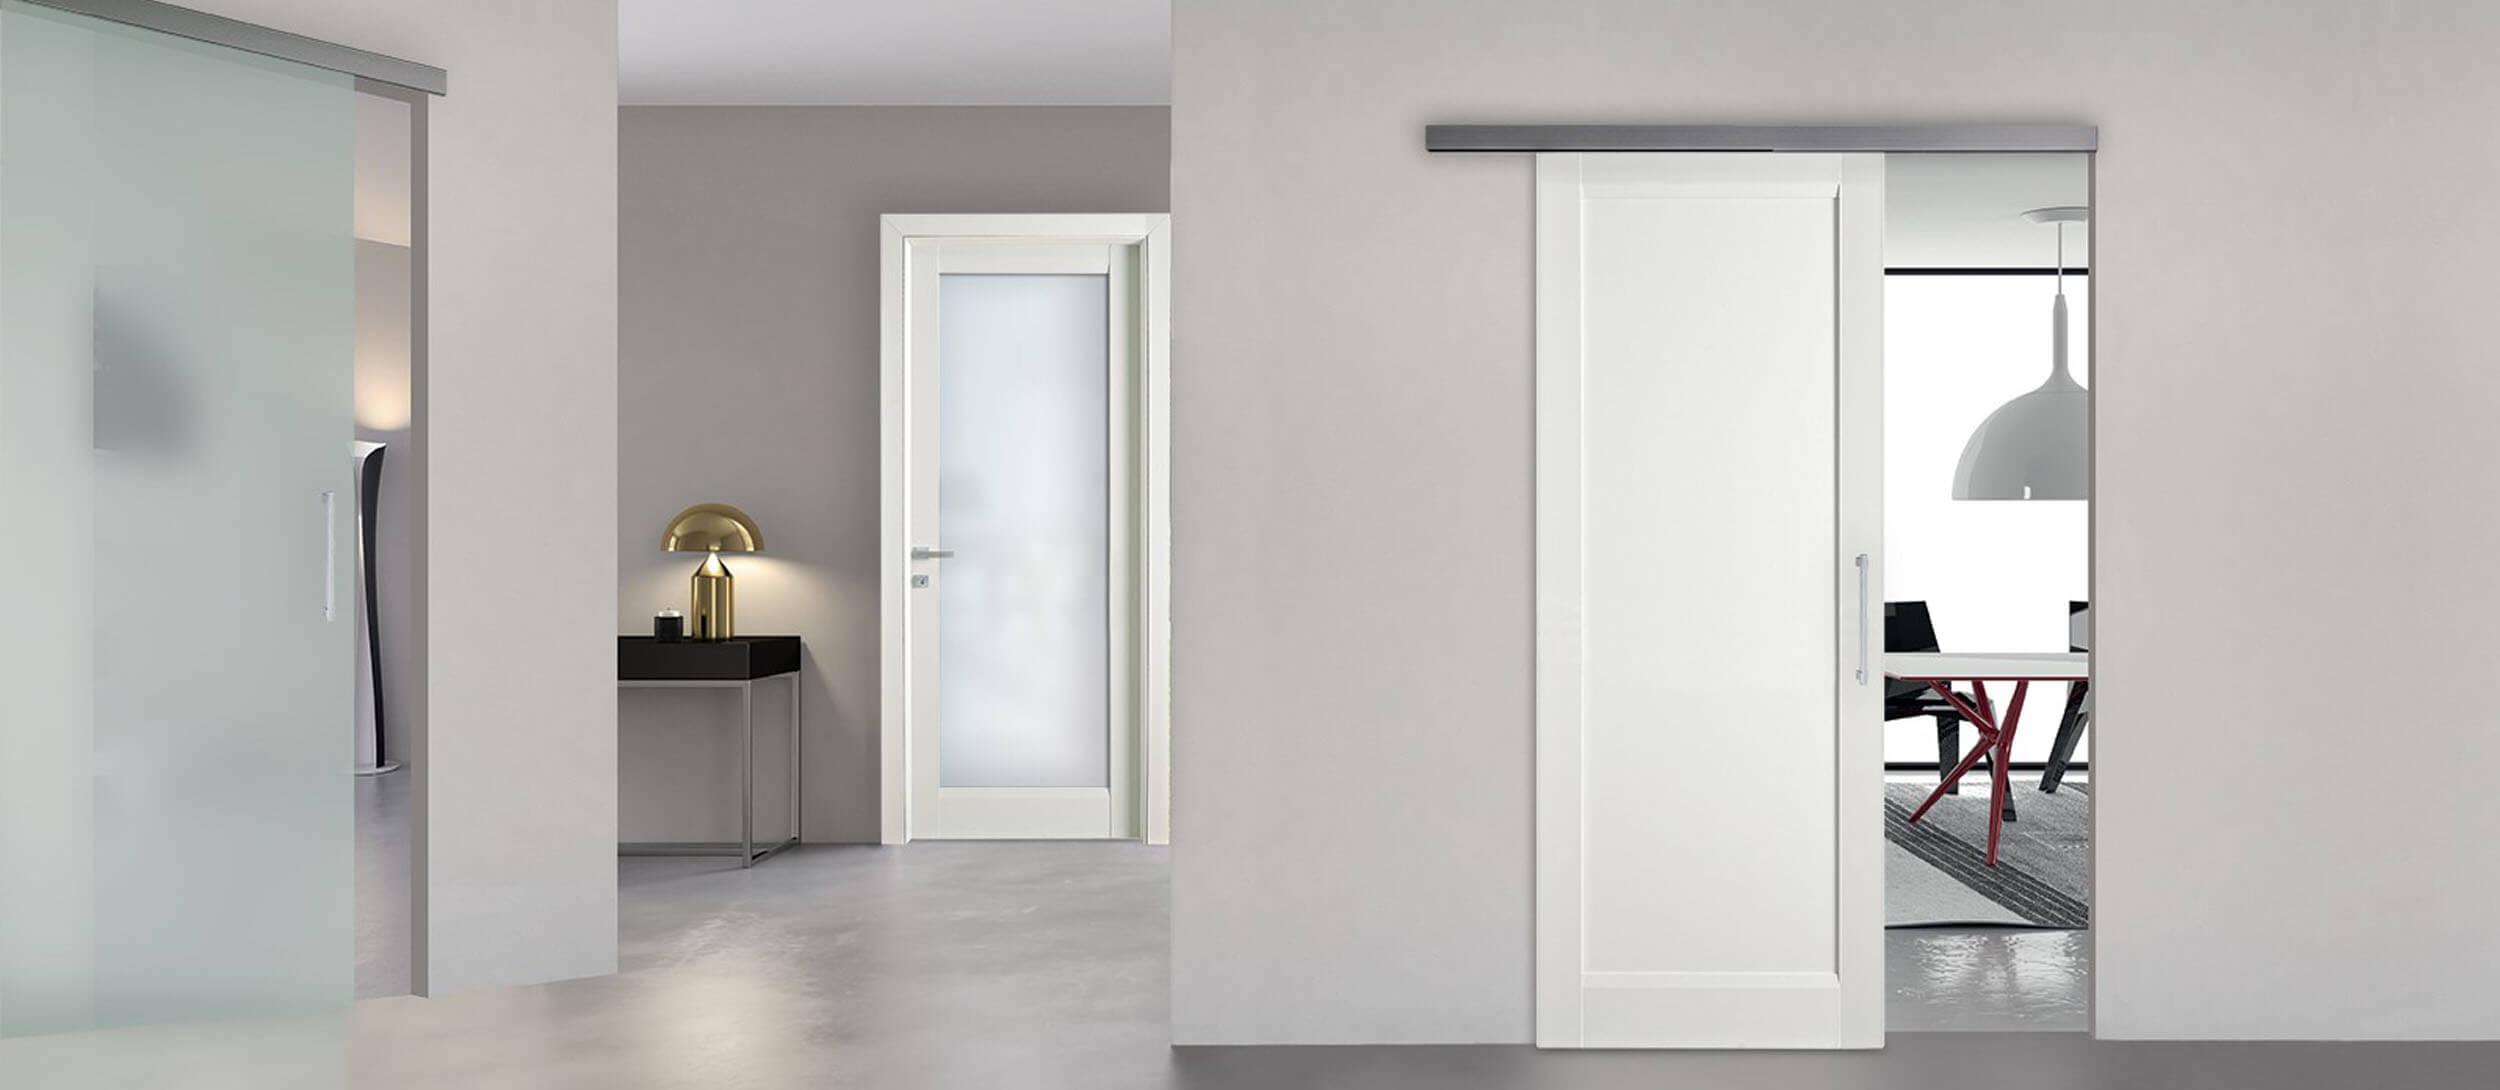 Vendita di porte massellate e tamburate a Collegno Torino